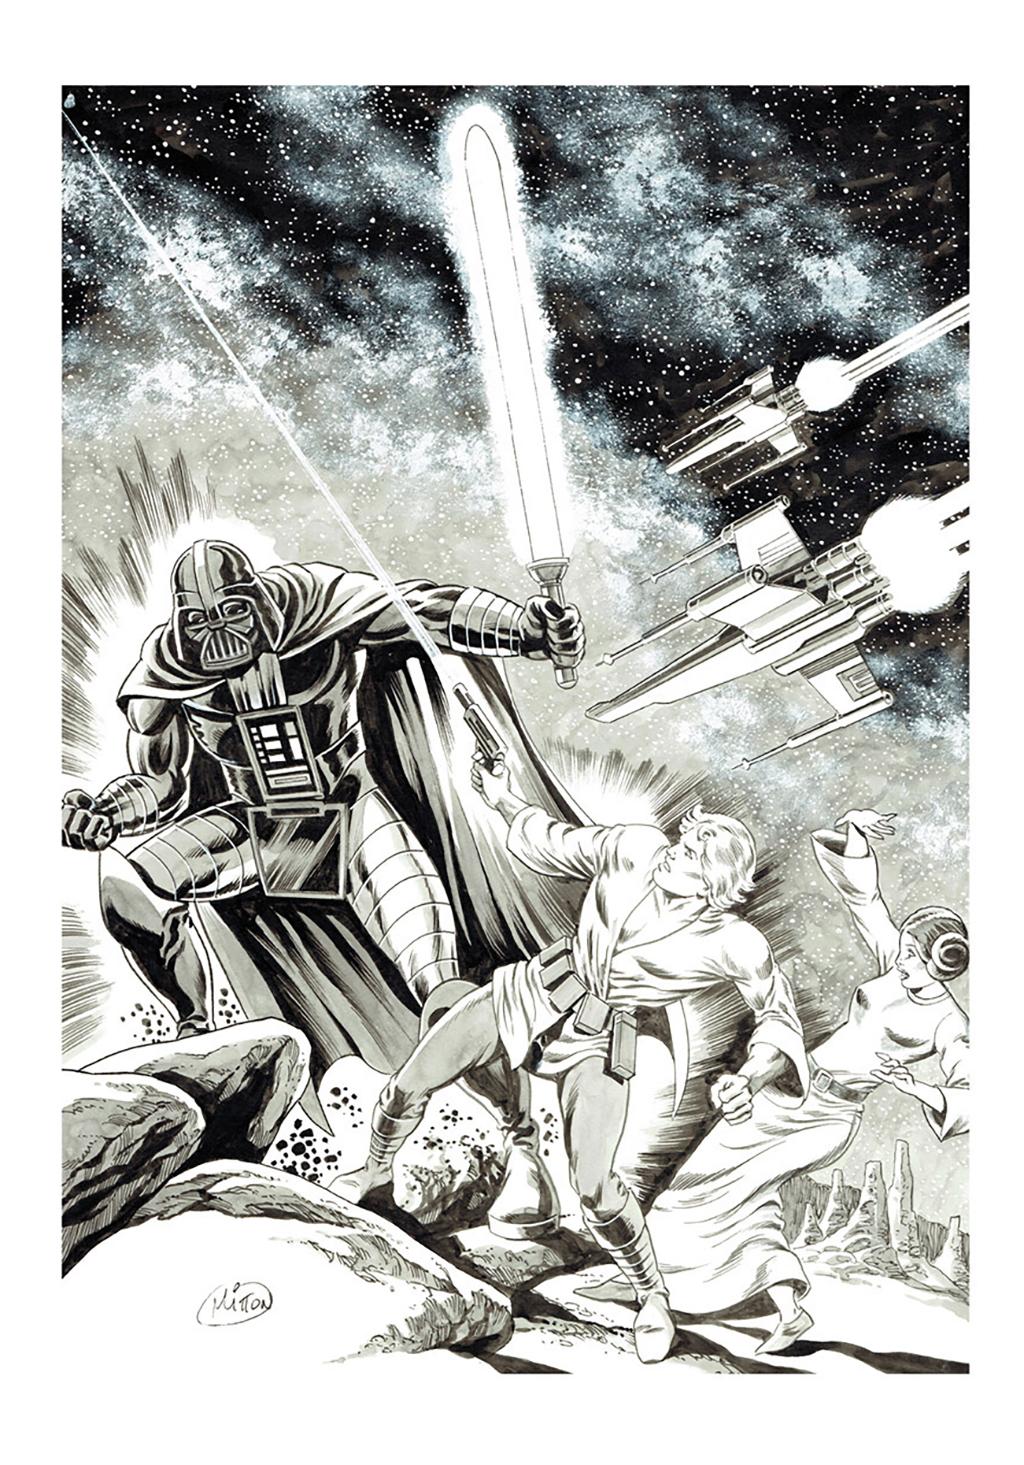 Star Wars – Ex-Libris – Inédit spécial Angoulême – Format A4, 20 exemplaires numérotés et signés – © Éditions Original Watts, 2018 – © Jean-Yves Mitton, 2018